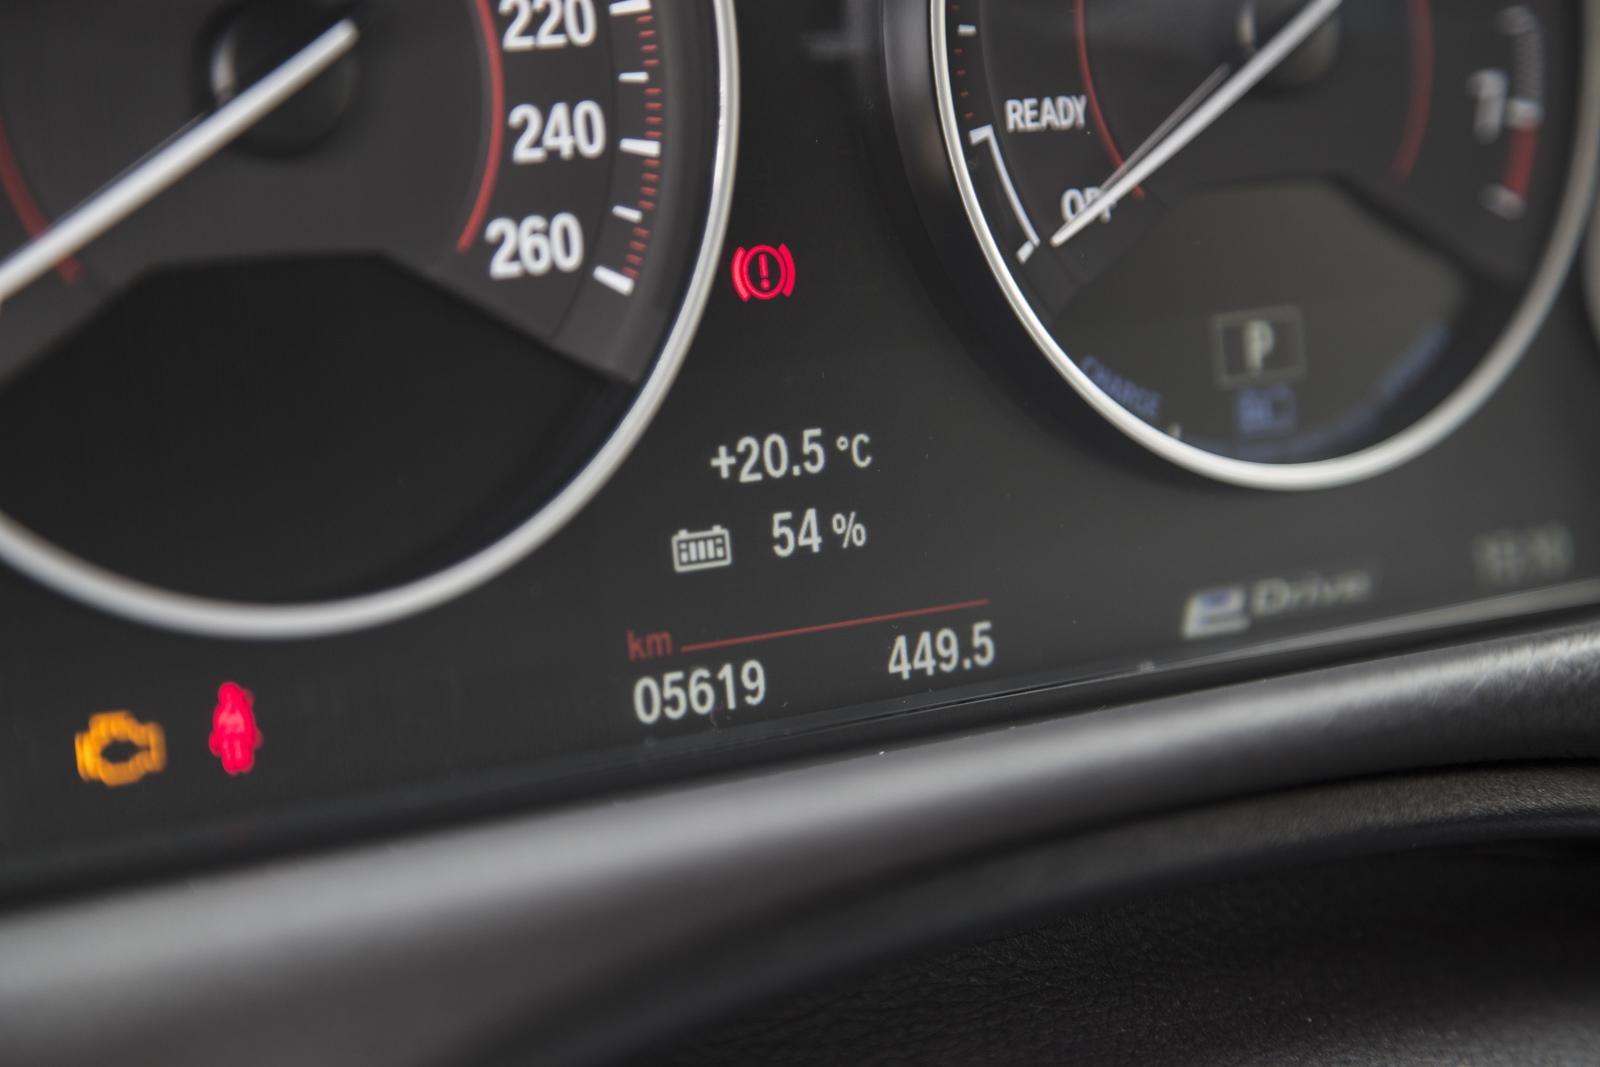 Test_Drive_BMW_330e_64